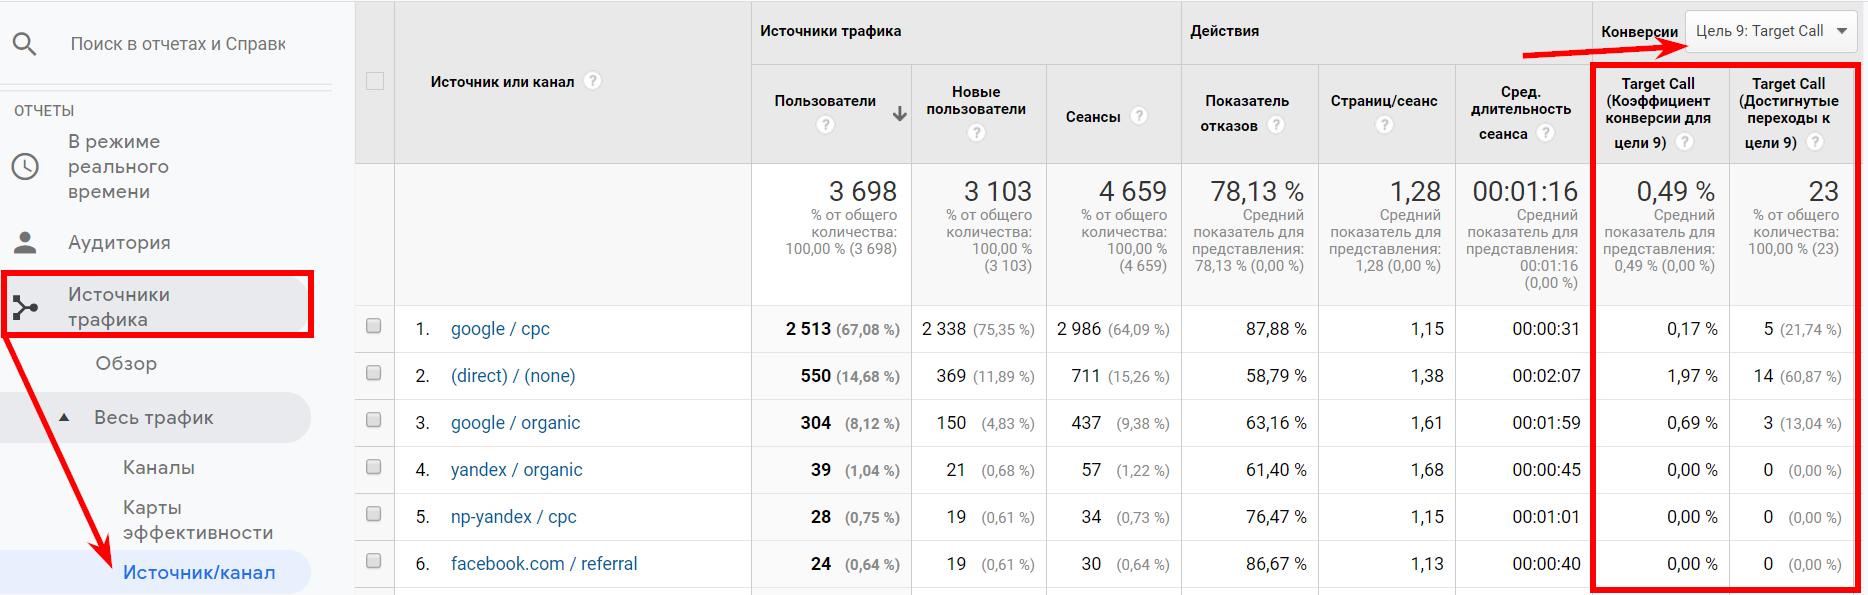 Отчет Google Analytics с данными коллтрекинга